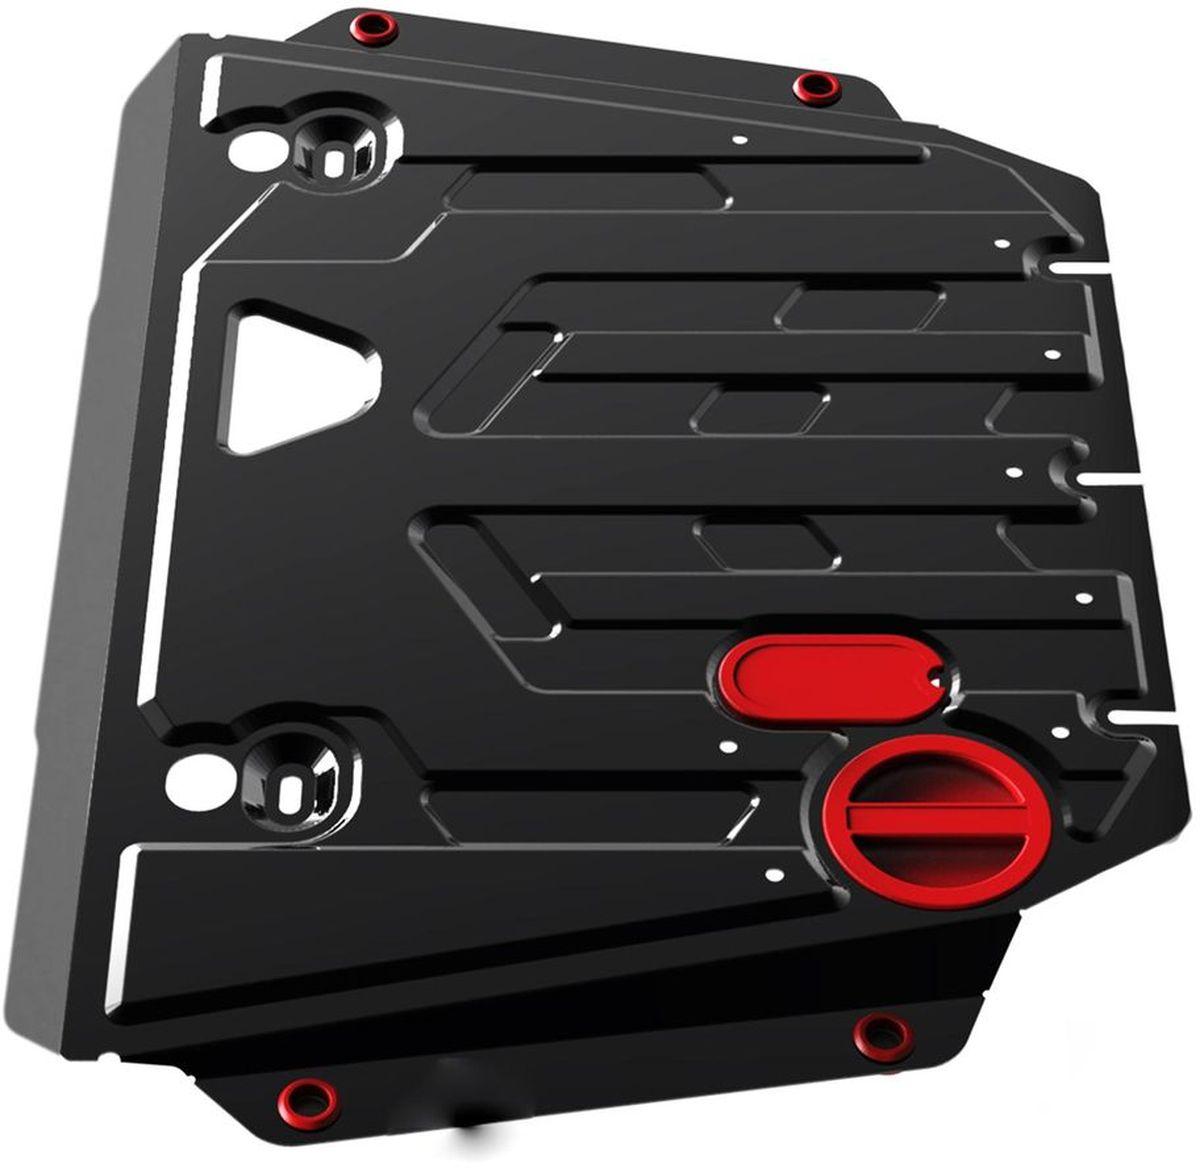 Защита картера и КПП Автоброня Hyundai Santa Fe 2006-2009, сталь 2 мм111.02309.2Защита картера и КПП Автоброня Hyundai Santa Fe, V - 2,7 2006-2009, сталь 2 мм, комплект крепежа, 111.02309.2Стальные защиты Автоброня надежно защищают ваш автомобиль от повреждений при наезде на бордюры, выступающие канализационные люки, кромки поврежденного асфальта или при ремонте дорог, не говоря уже о загородных дорогах.- Имеют оптимальное соотношение цена-качество.- Спроектированы с учетом особенностей автомобиля, что делает установку удобной.- Защита устанавливается в штатные места кузова автомобиля.- Является надежной защитой для важных элементов на протяжении долгих лет.- Глубокий штамп дополнительно усиливает конструкцию защиты.- Подштамповка в местах крепления защищает крепеж от срезания.- Технологические отверстия там, где они необходимы для смены масла и слива воды, оборудованные заглушками, закрепленными на защите.Толщина стали 2 мм.В комплекте крепеж и инструкция по установке.Уважаемые клиенты!Обращаем ваше внимание на тот факт, что защита имеет форму, соответствующую модели данного автомобиля. Наличие глубокого штампа и лючков для смены фильтров/масла предусмотрено не на всех защитах. Фото служит для визуального восприятия товара.